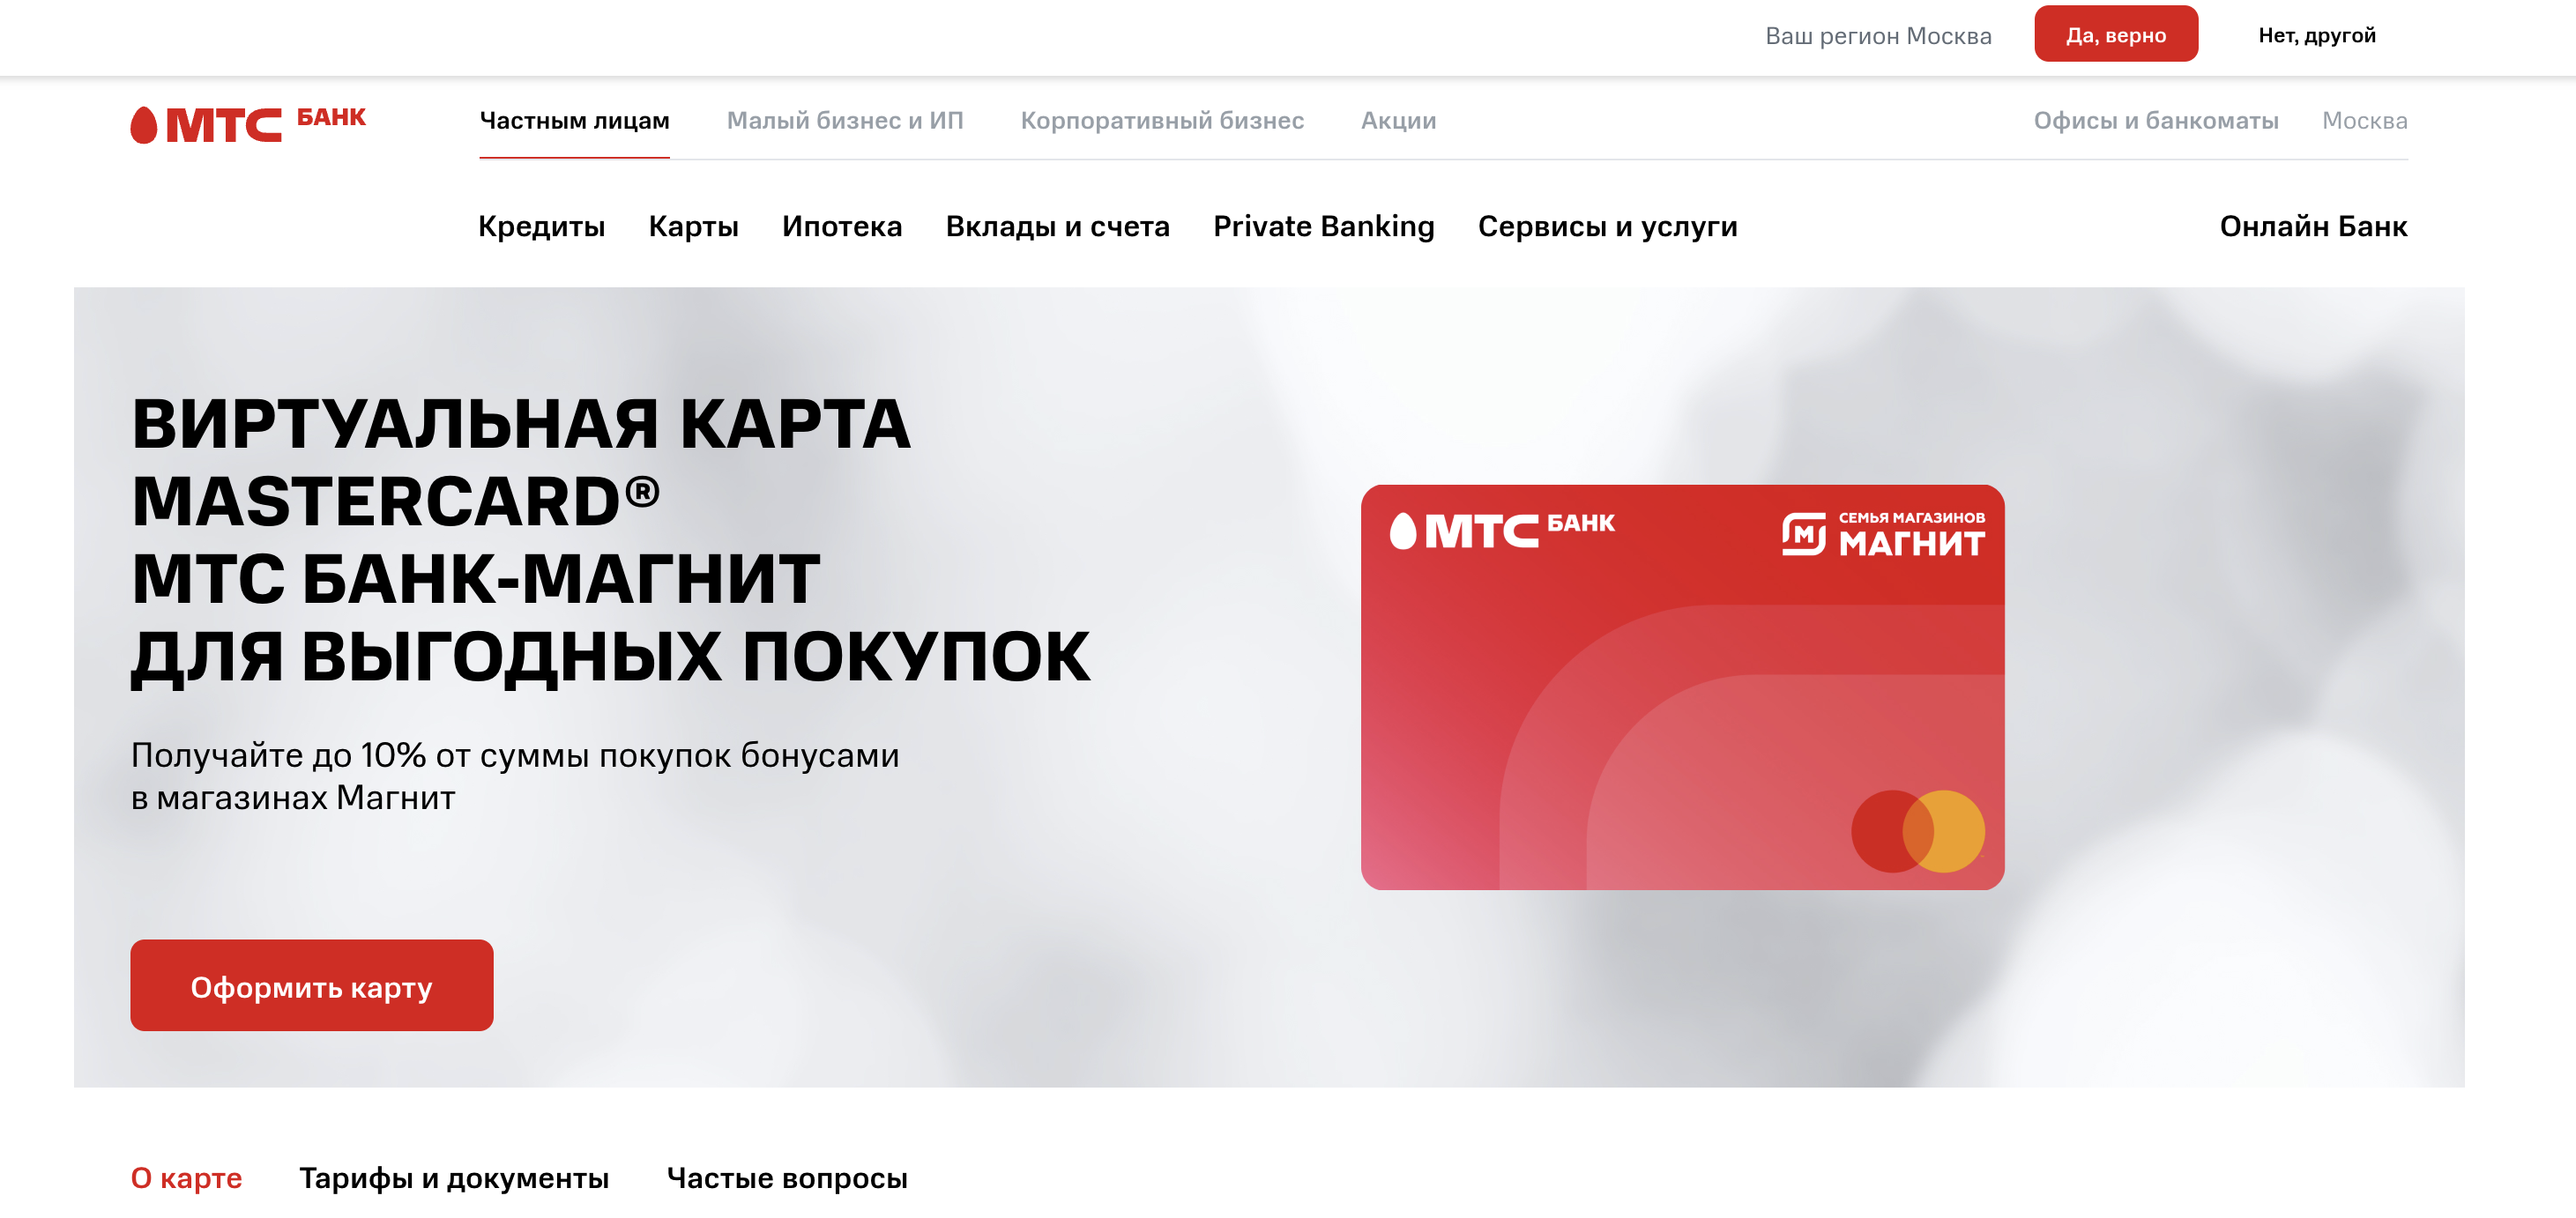 Как получить карту лояльности магазина Магнит мтс банк